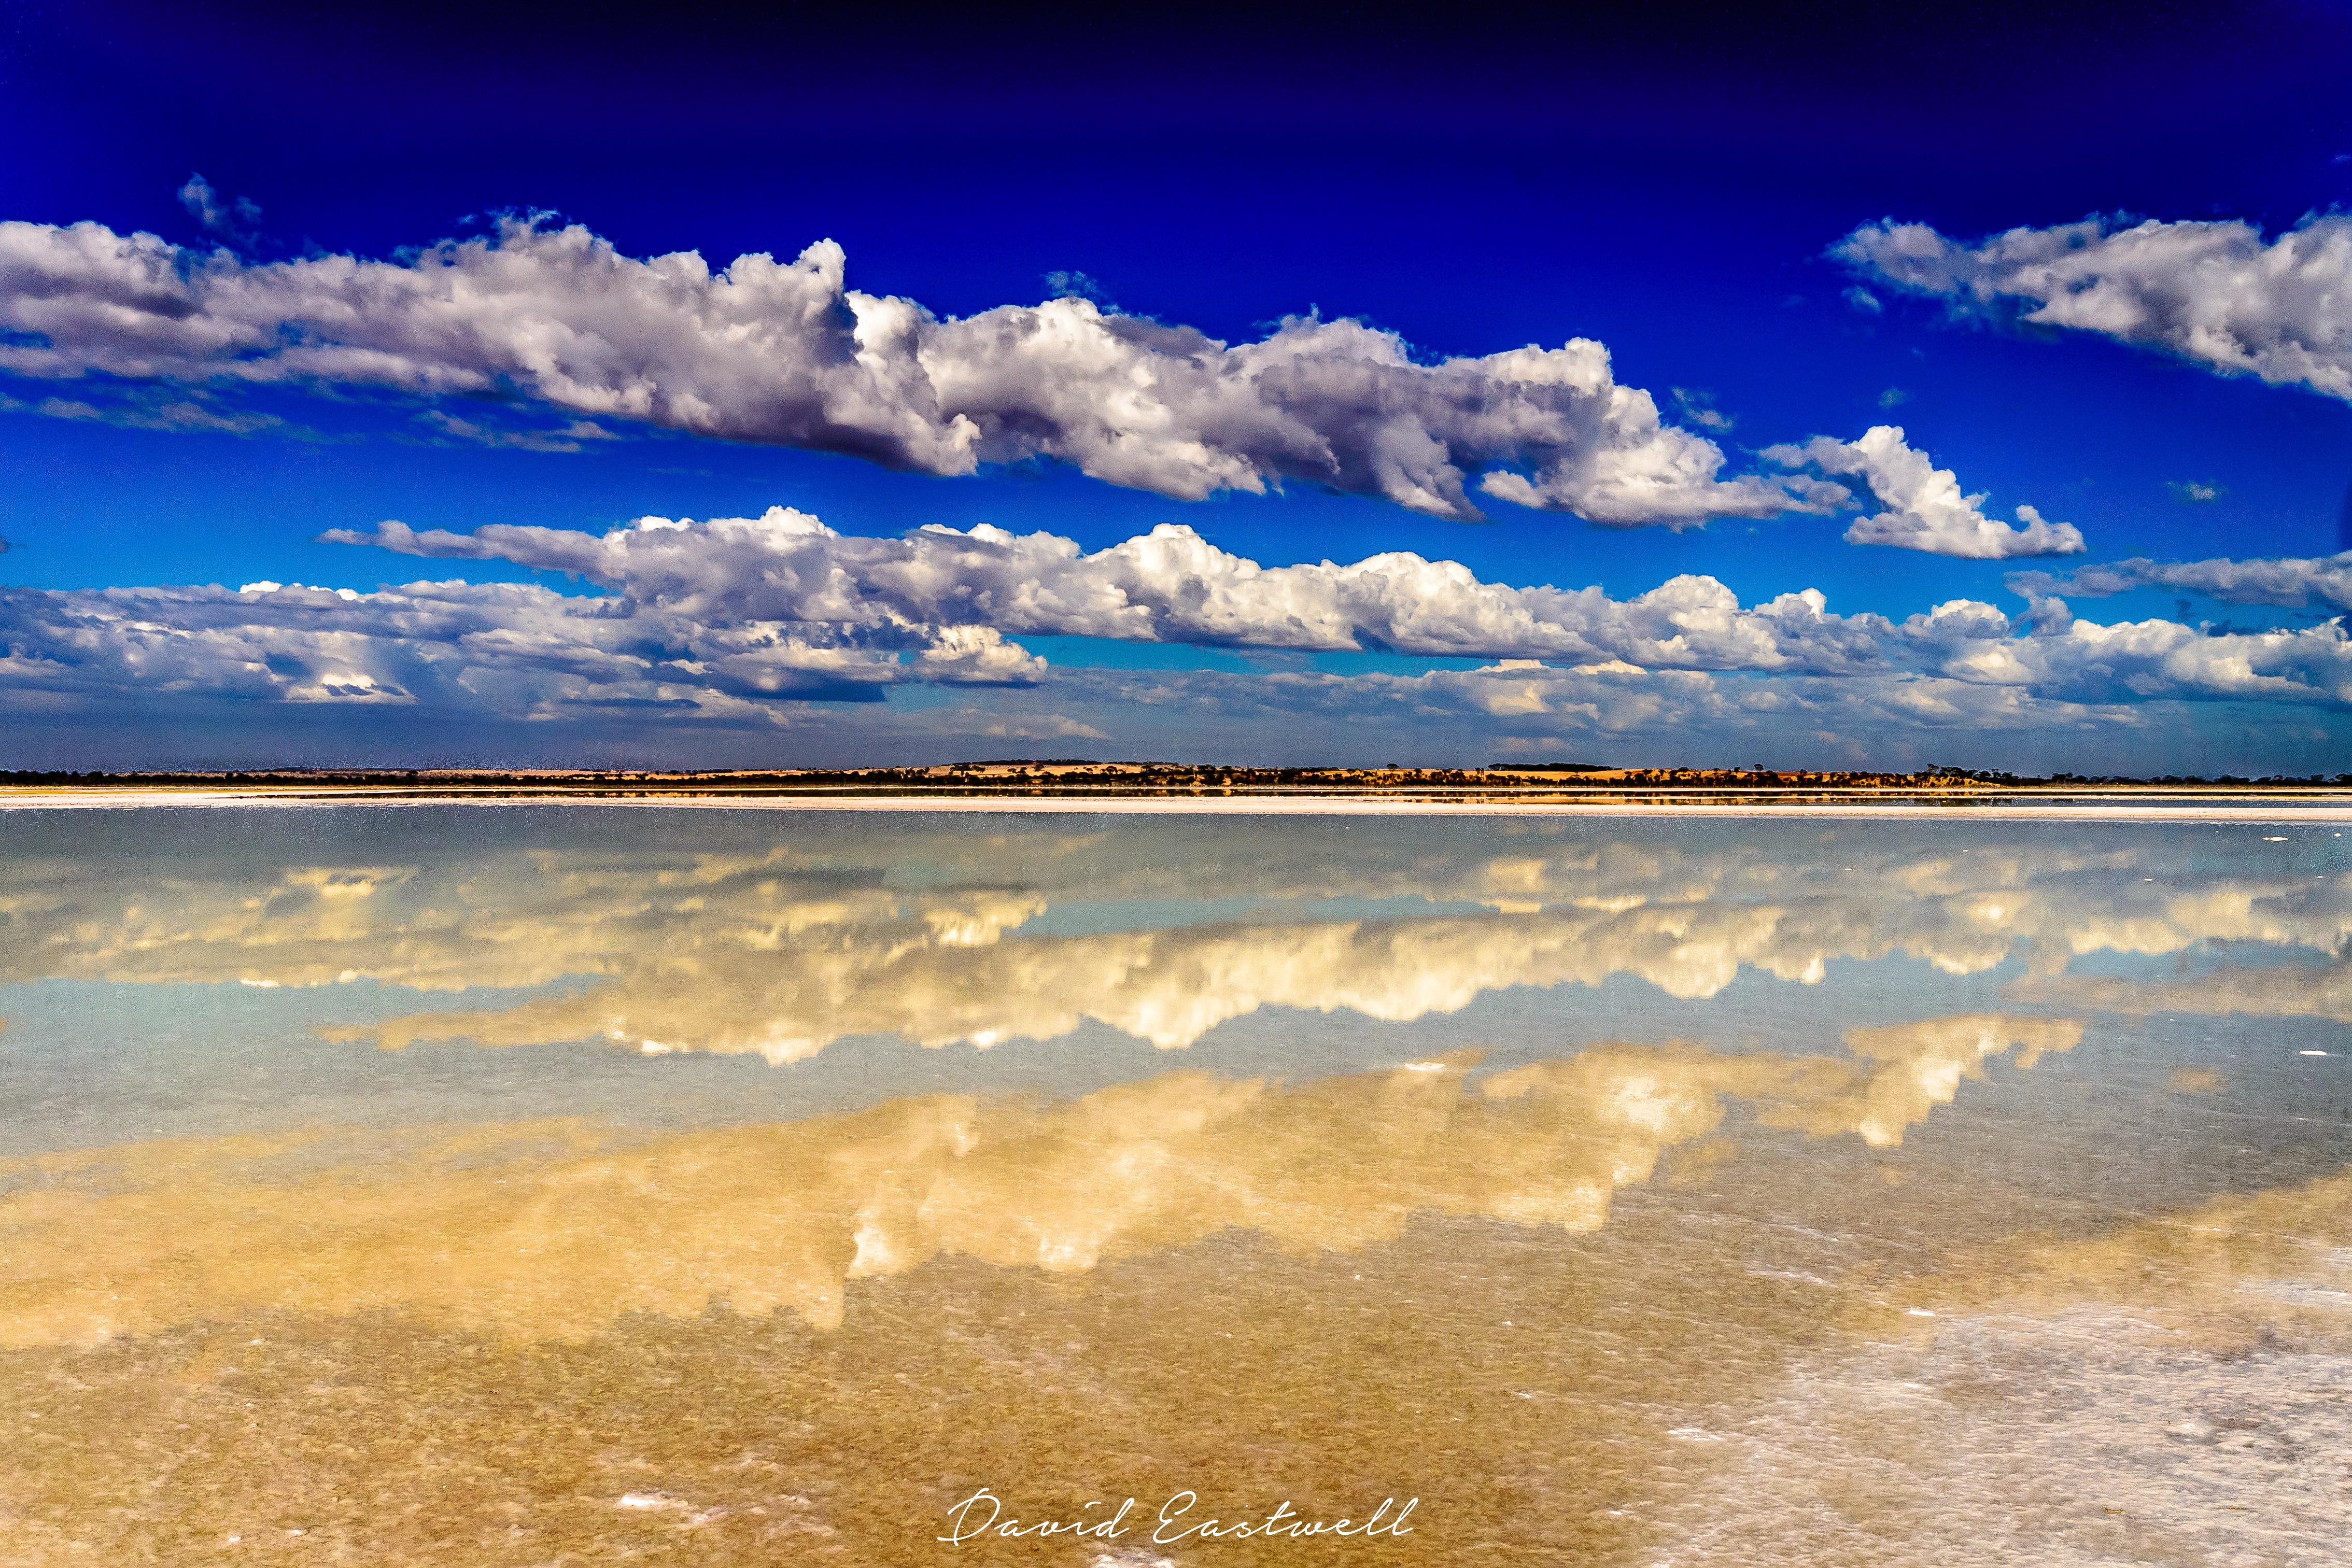 Dumbleyung Salt Flats